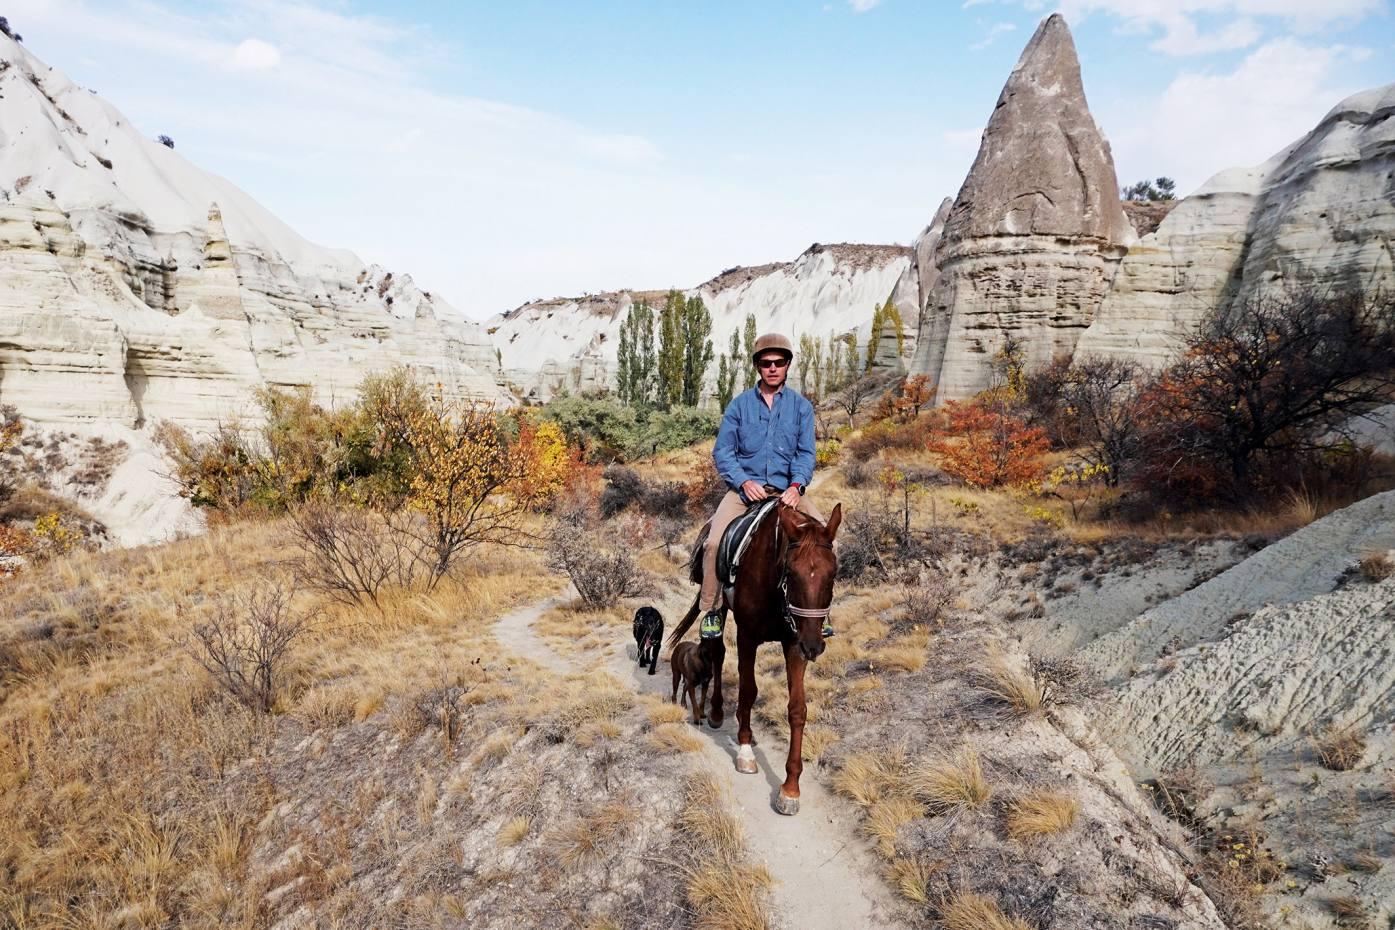 cappadocia-horse-backriding